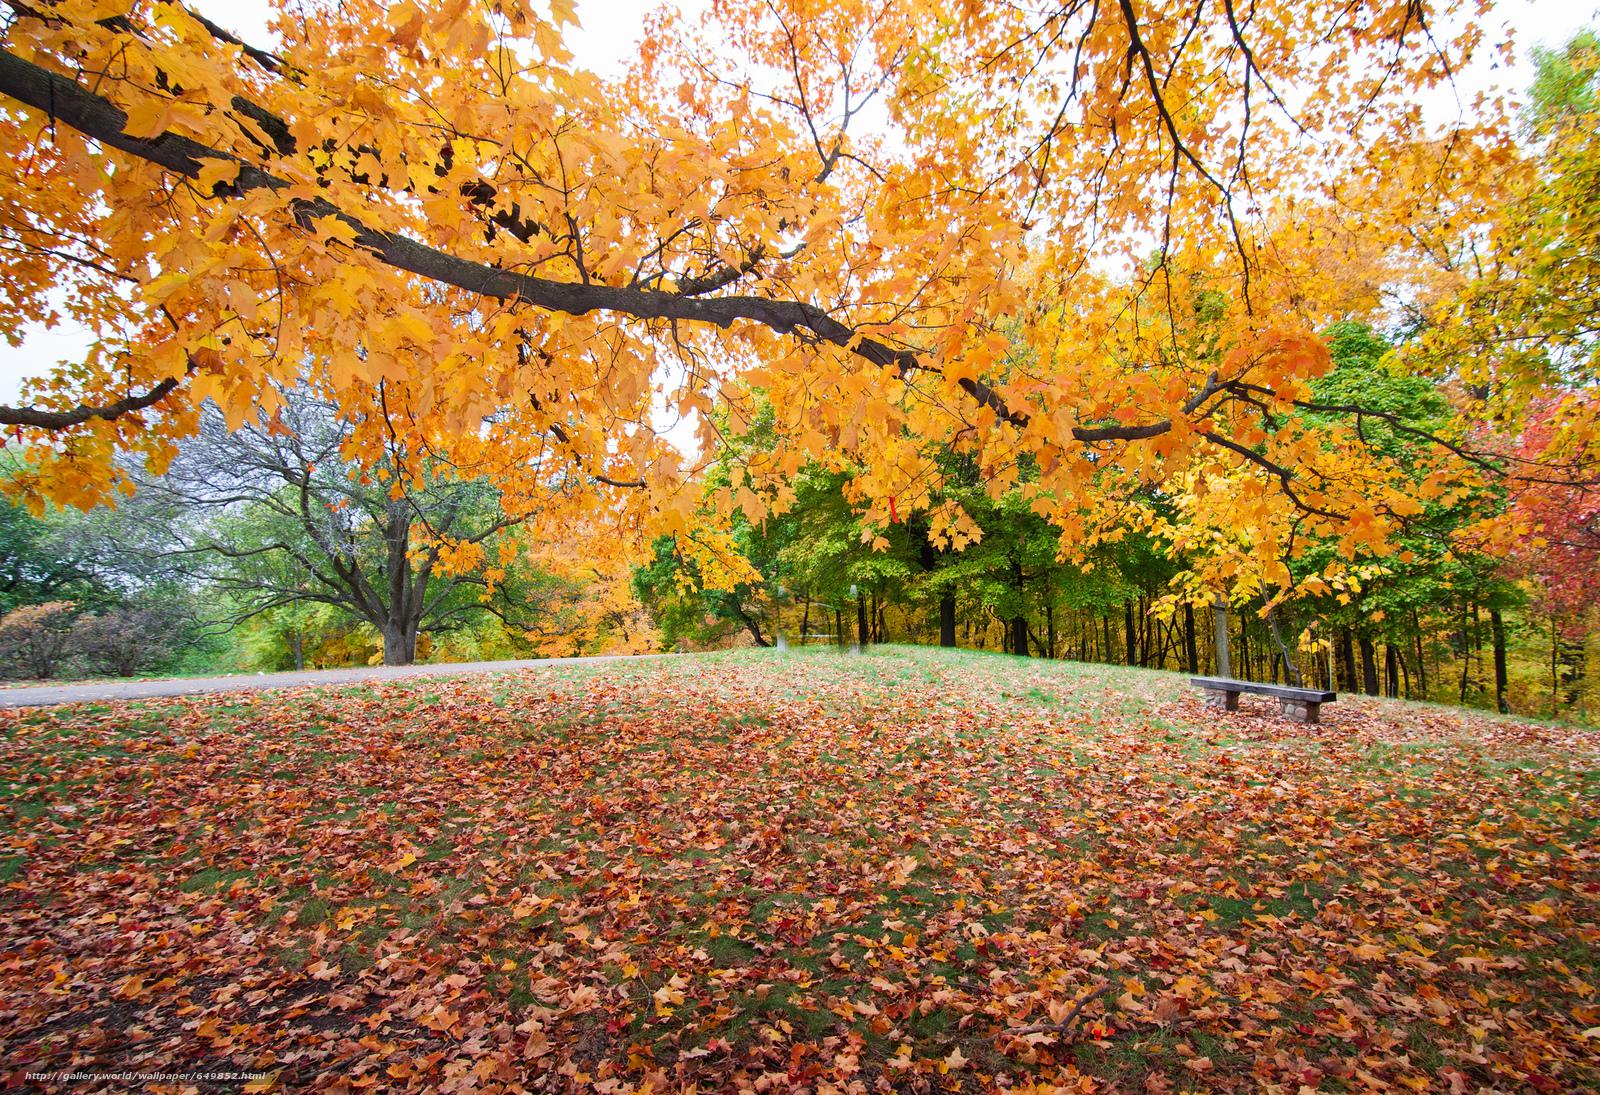 Скачать обои осень,  парк,  деревья,  пейзаж бесплатно для рабочего стола в разрешении 2048x1402 — картинка №649852